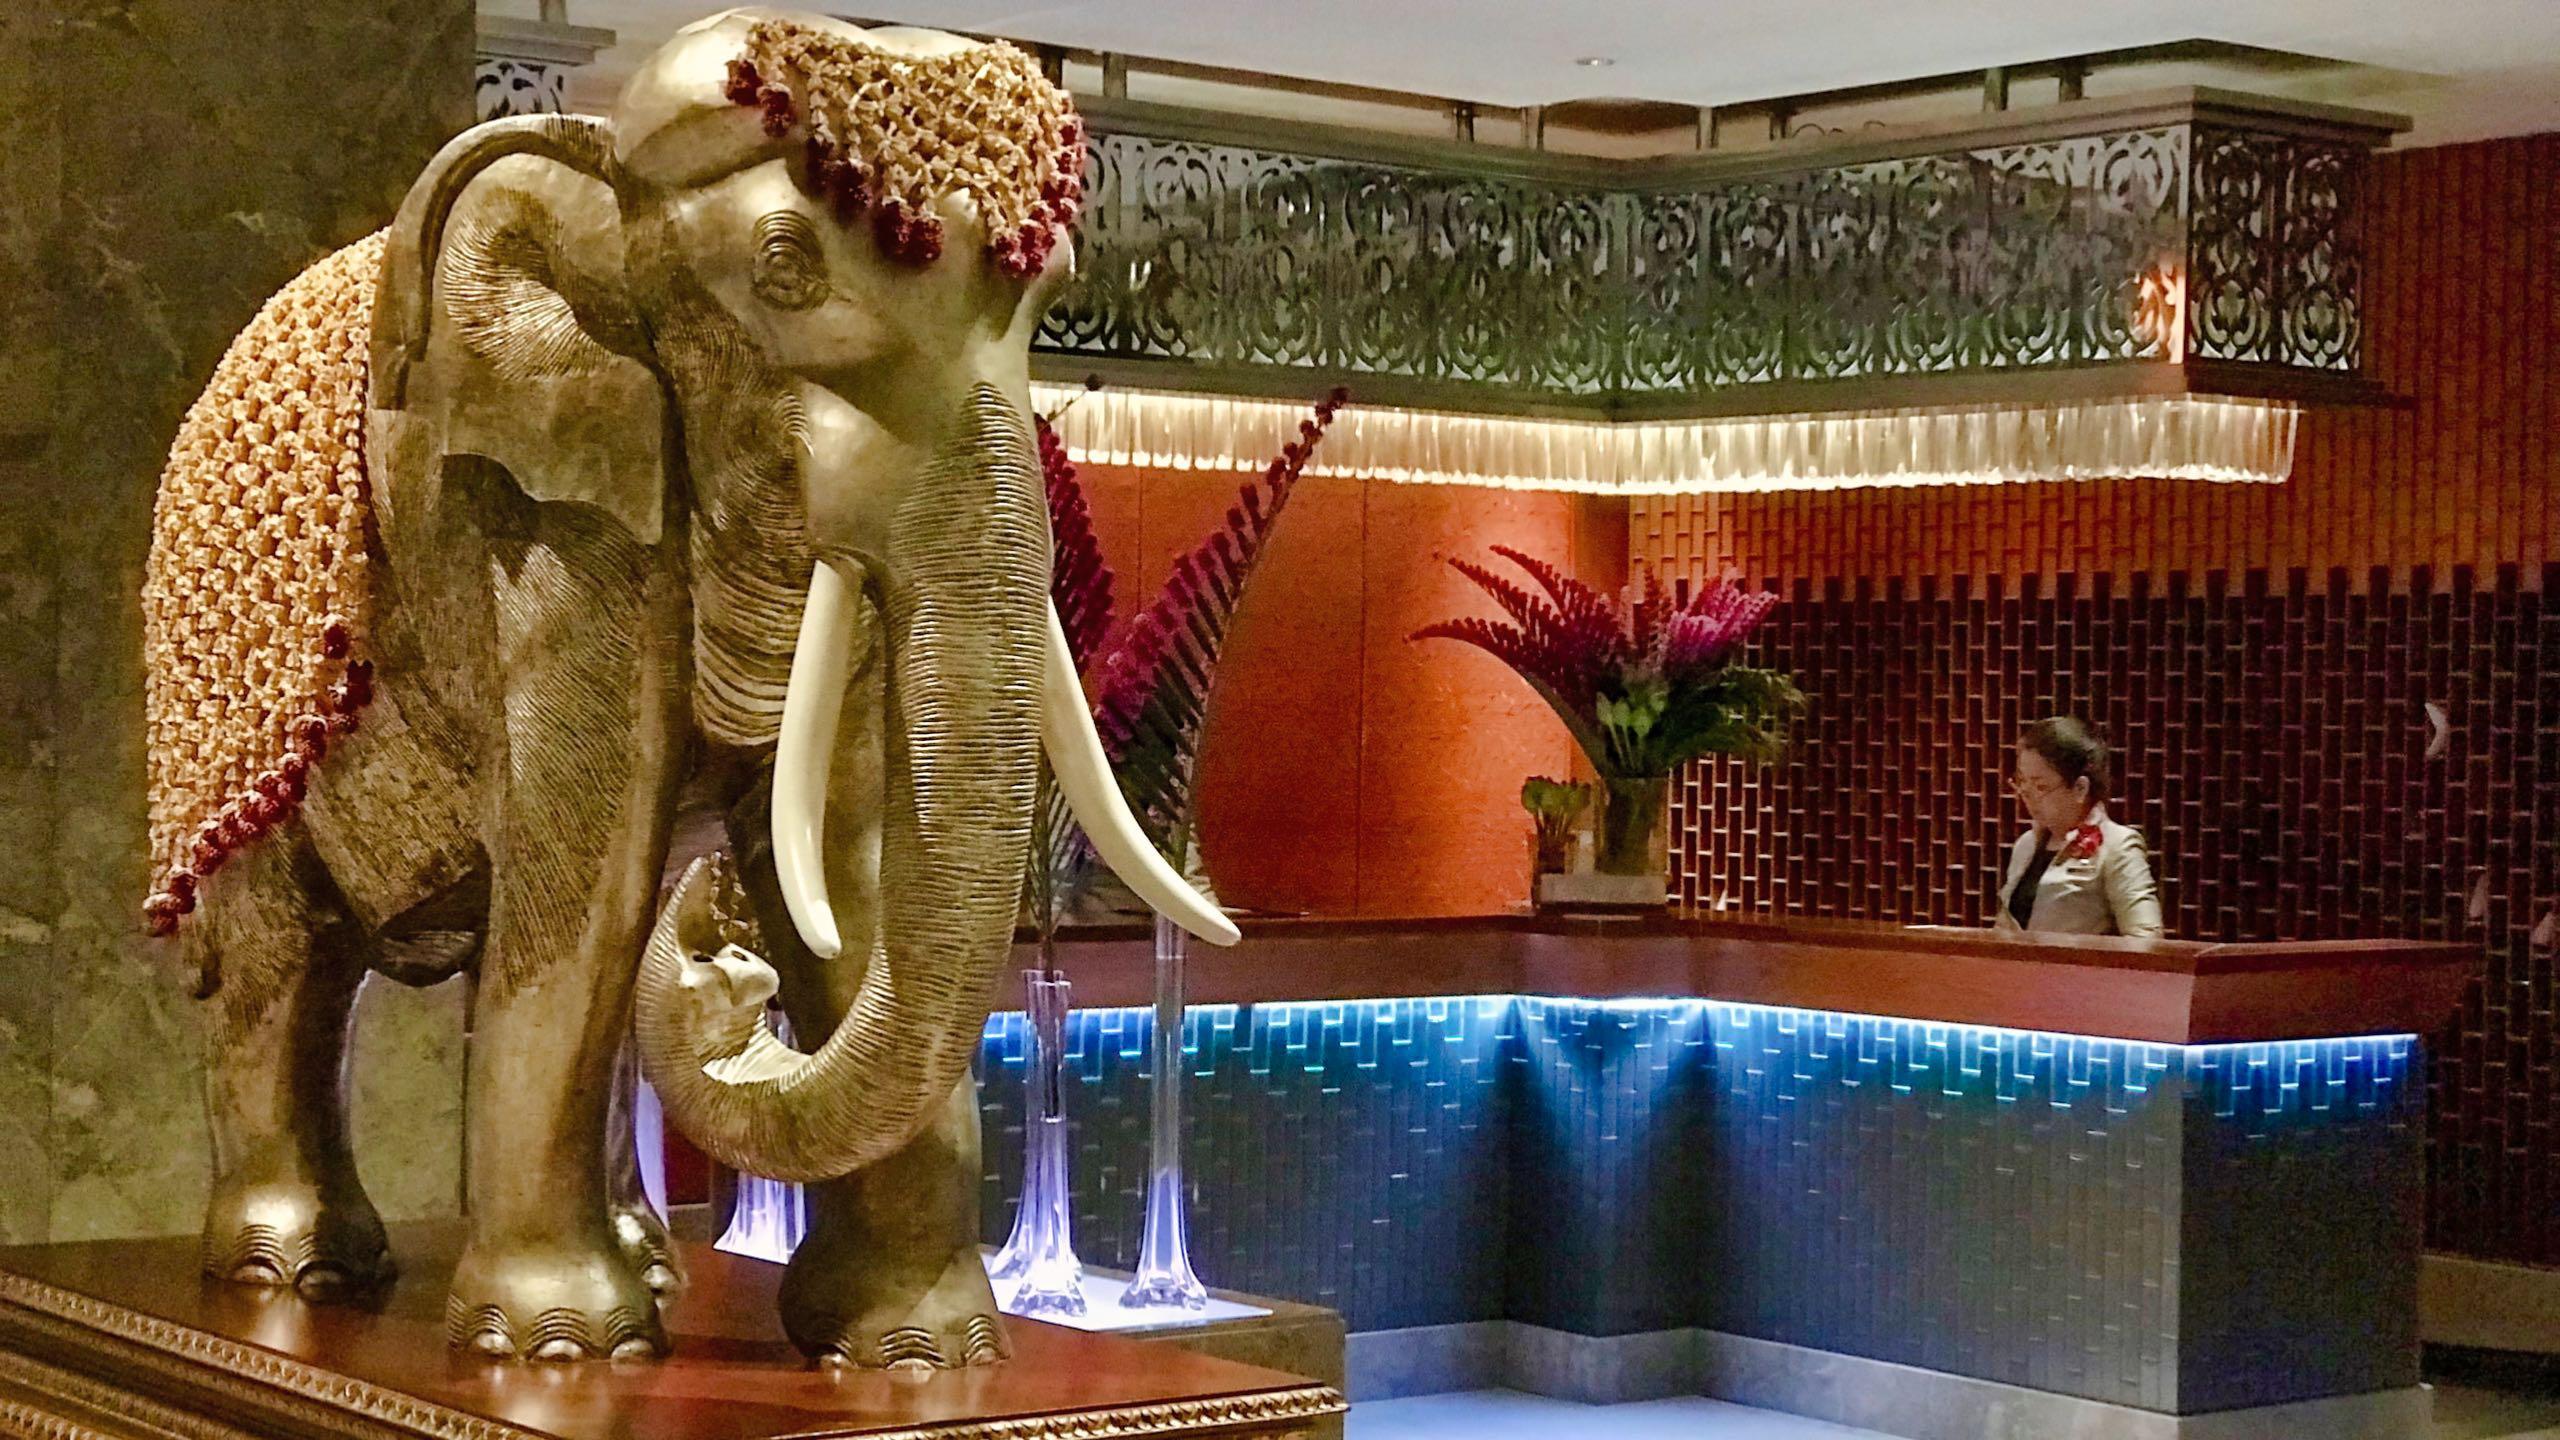 Elegant, raffiniert und mit luxuriösem Thai-Dekor, die Mandarin Oriental Lobby.